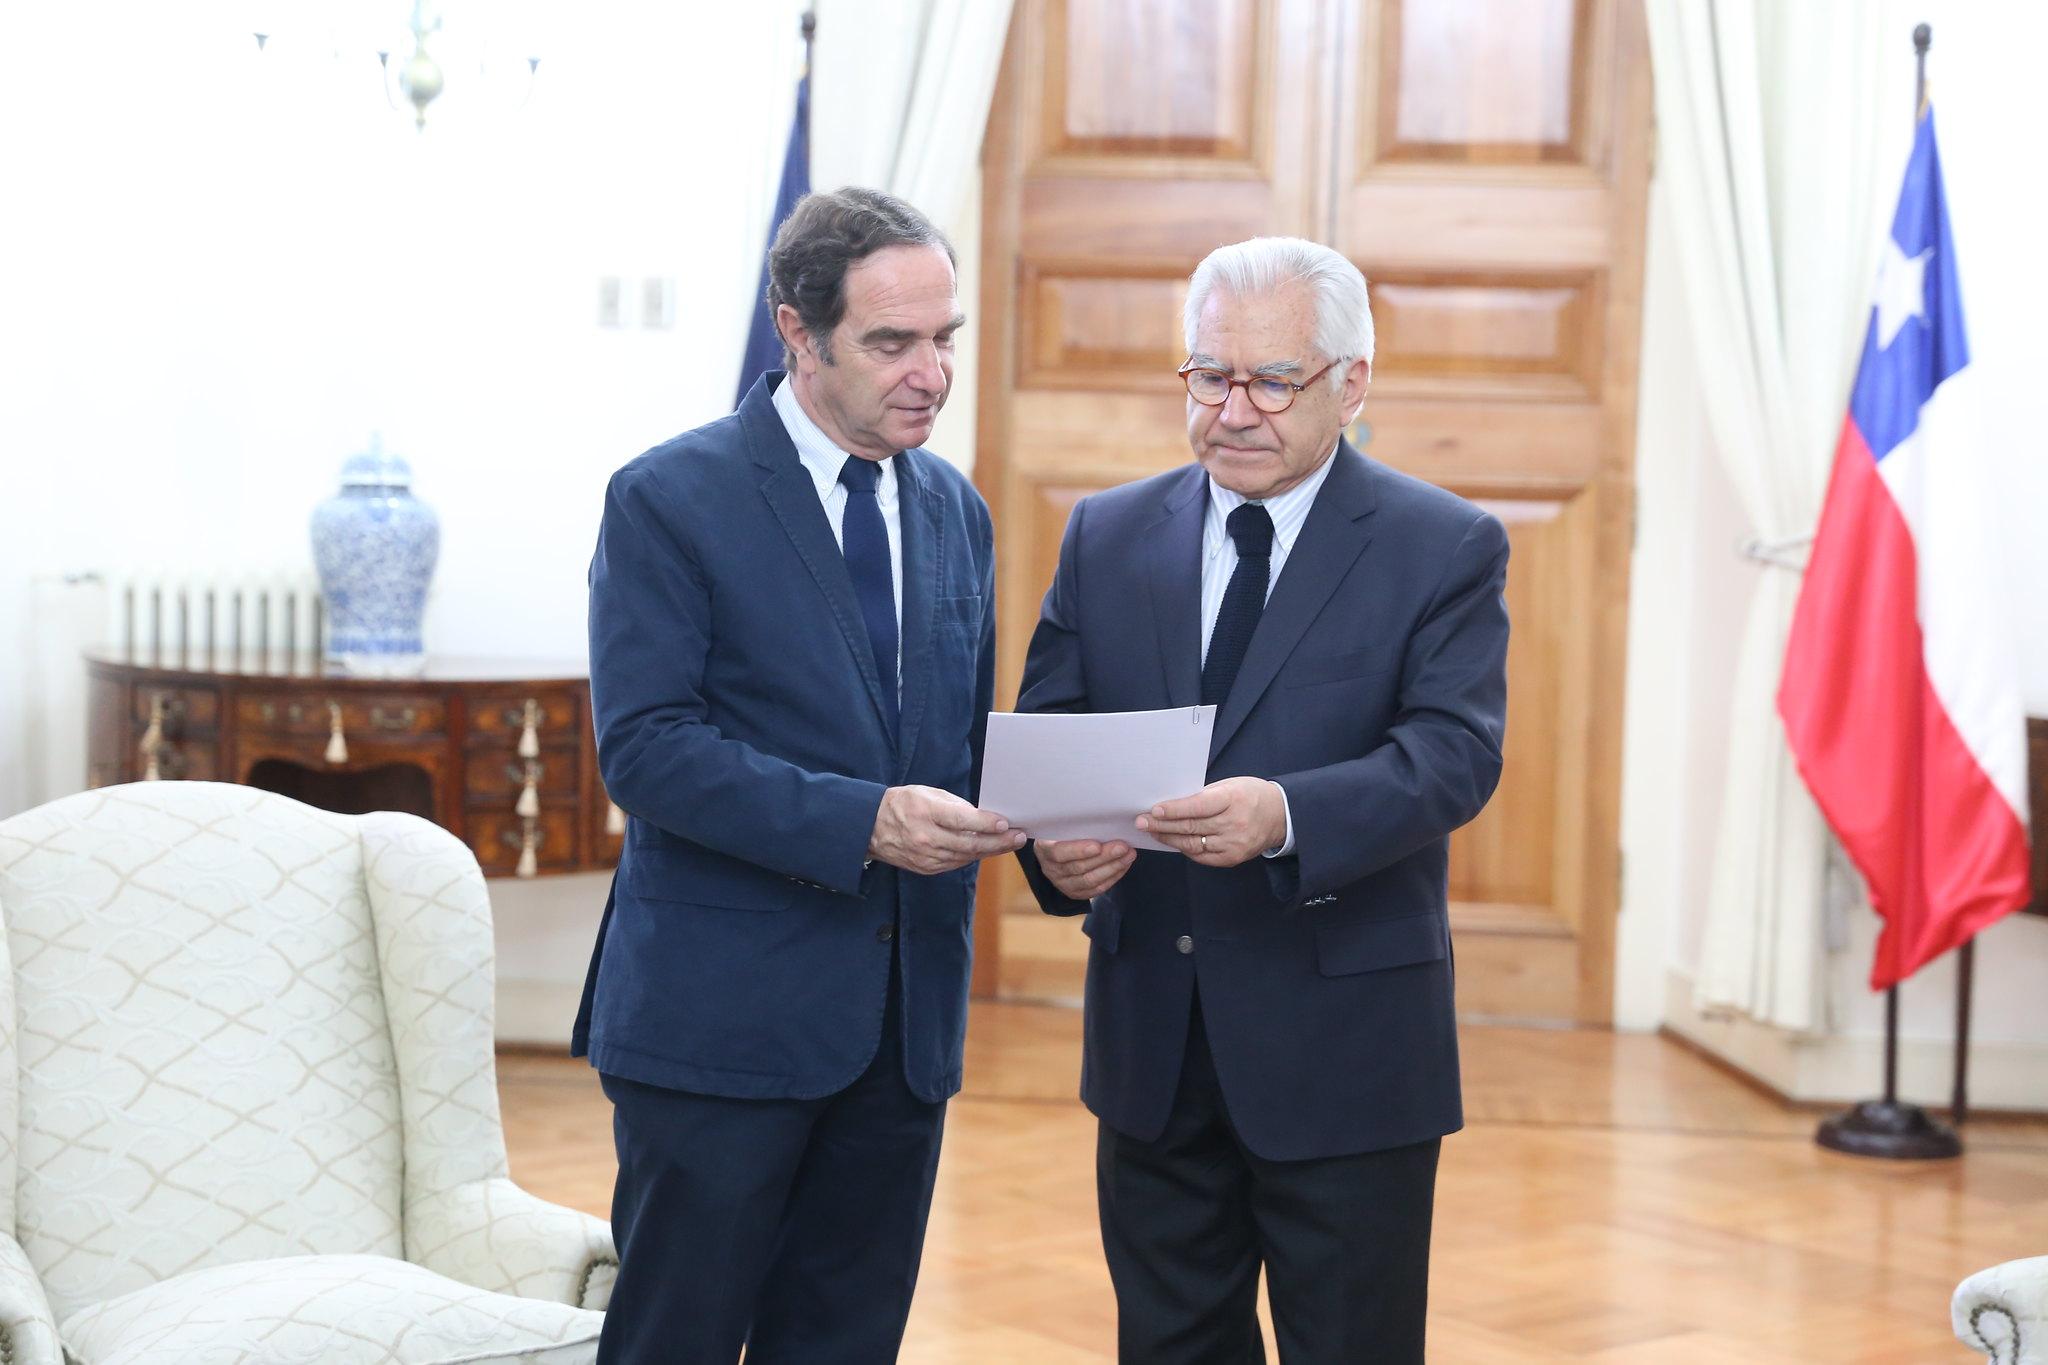 Ministerio del interior y seguridad p blica flickr for Mail ministerio del interior